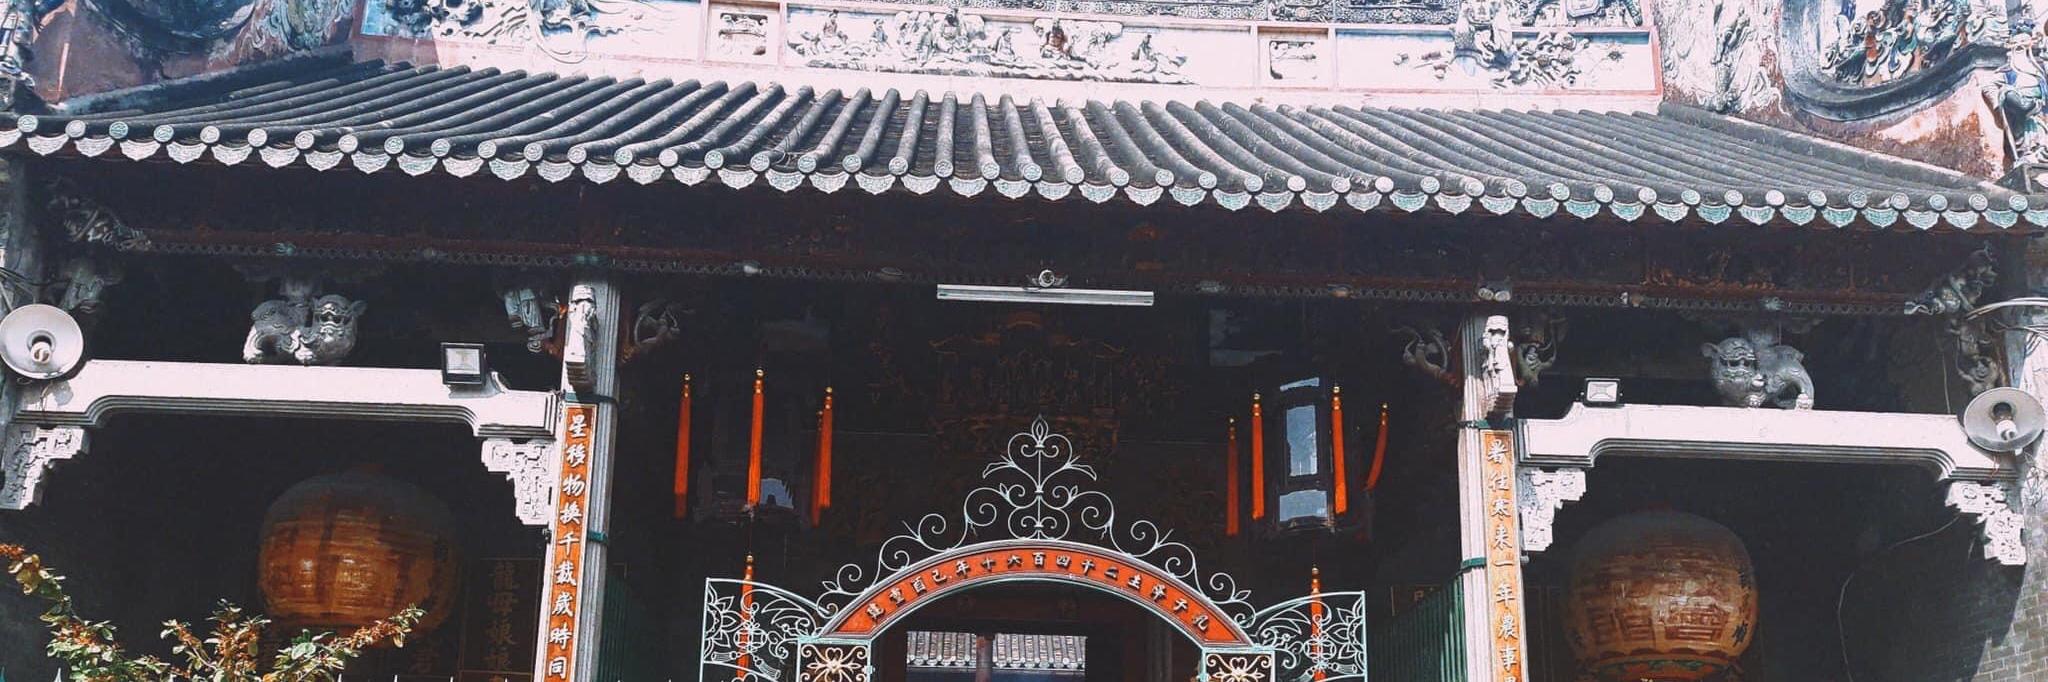 https://gody.vn/blog/congchua_mauhong803174/post/goc-chinatown-thu-nho-giua-long-sai-gon-8999